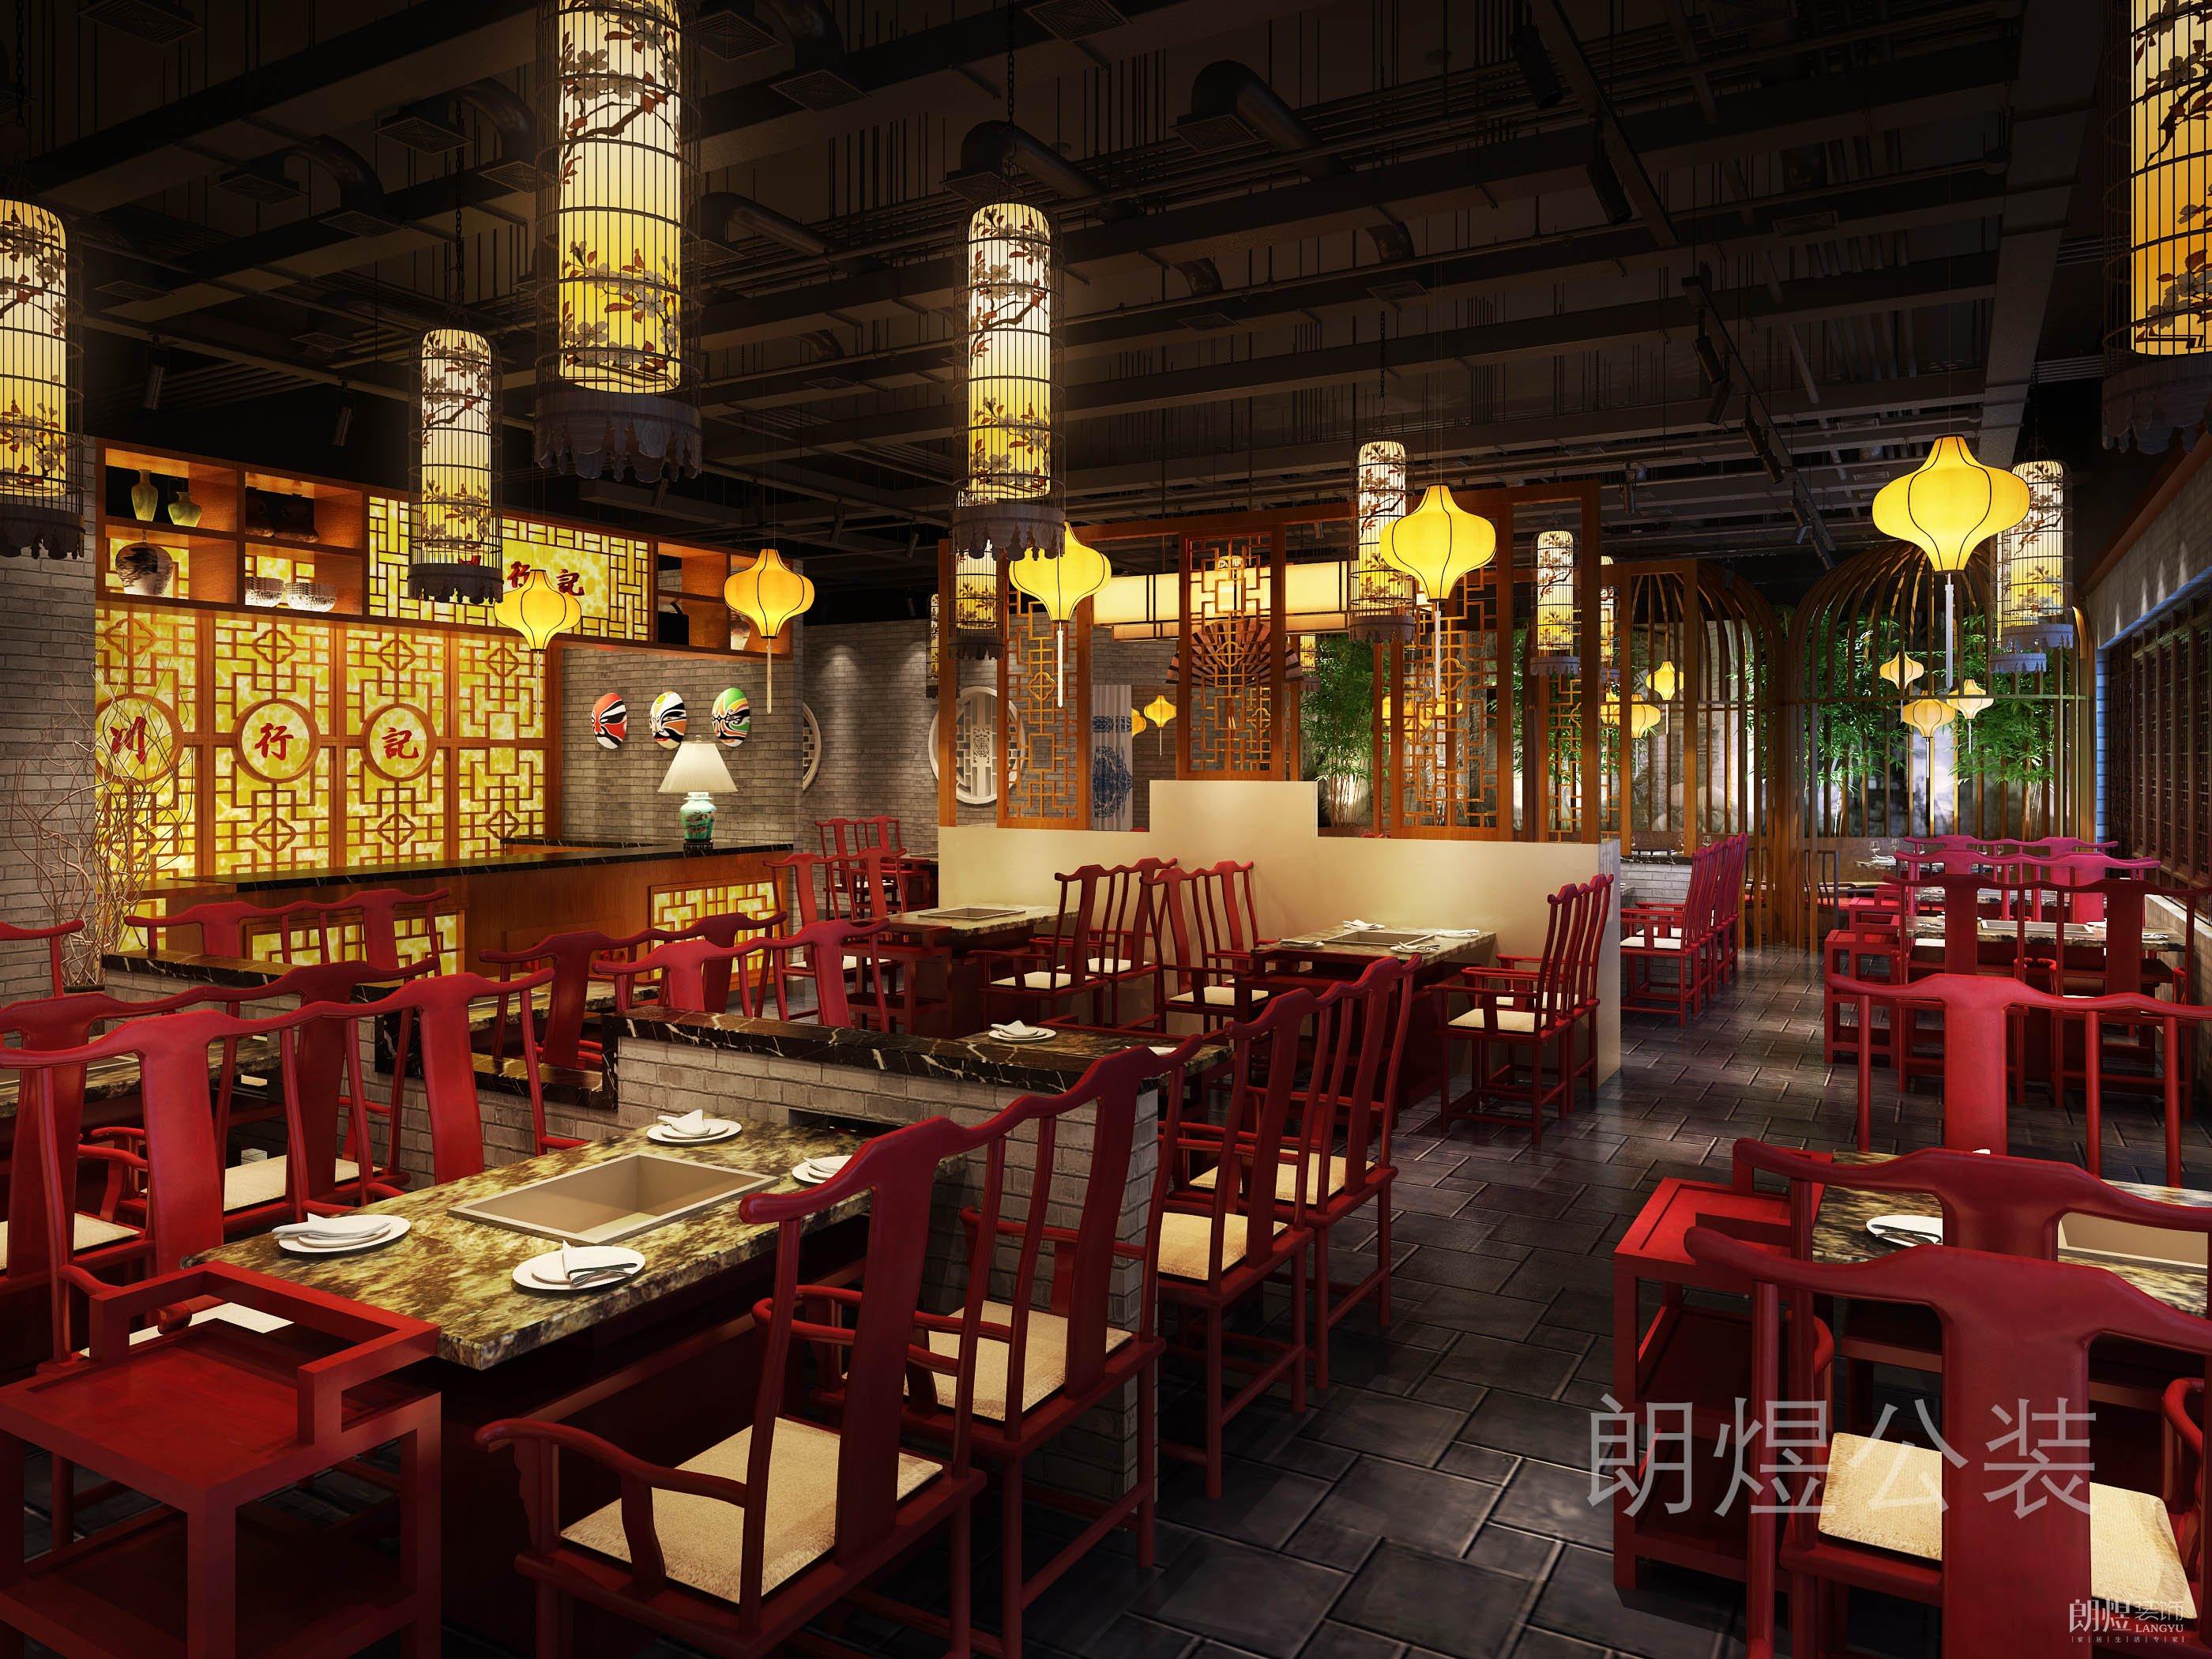 火锅店选择什么装修风格好?